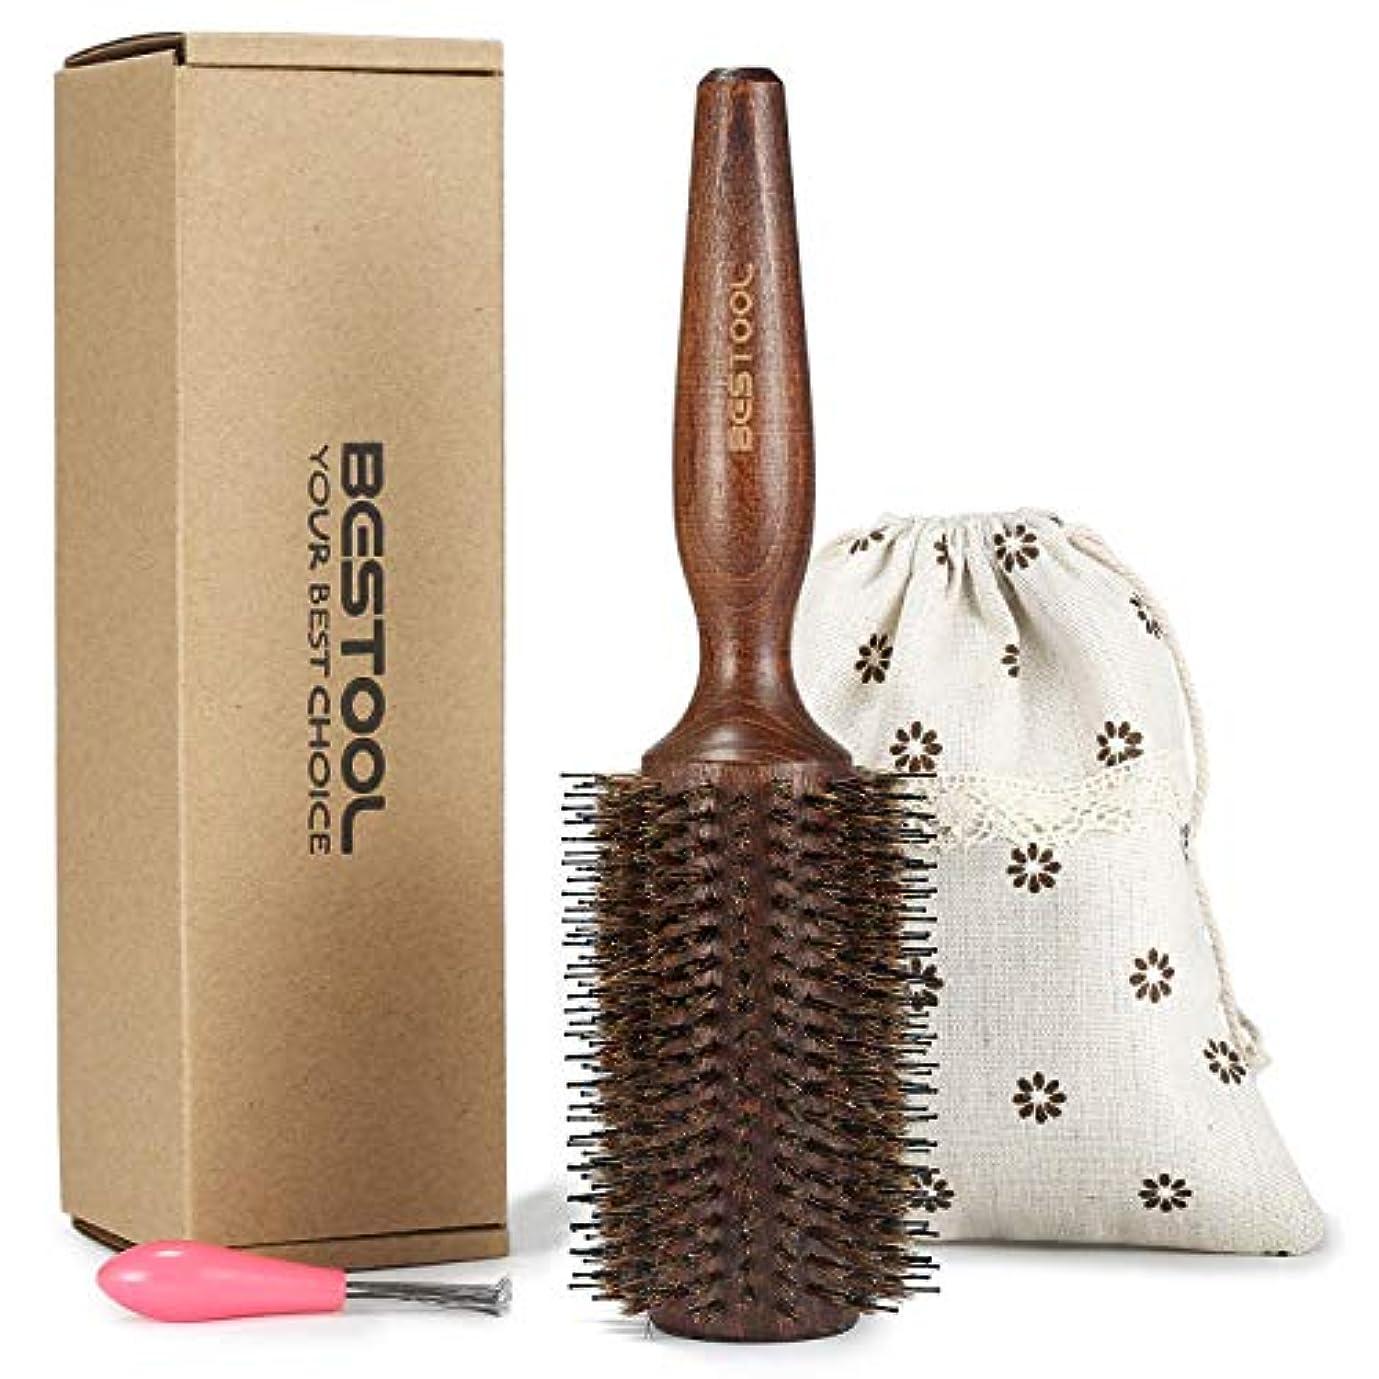 とにかく同情的抽選豚毛ヘアブラシ ロールブラシ Bestool ケヤキ製 髪をつやつやする ファッションヘアブラシ 新型タイプ 高級美容ヘアブラシ (L, ケヤキ)